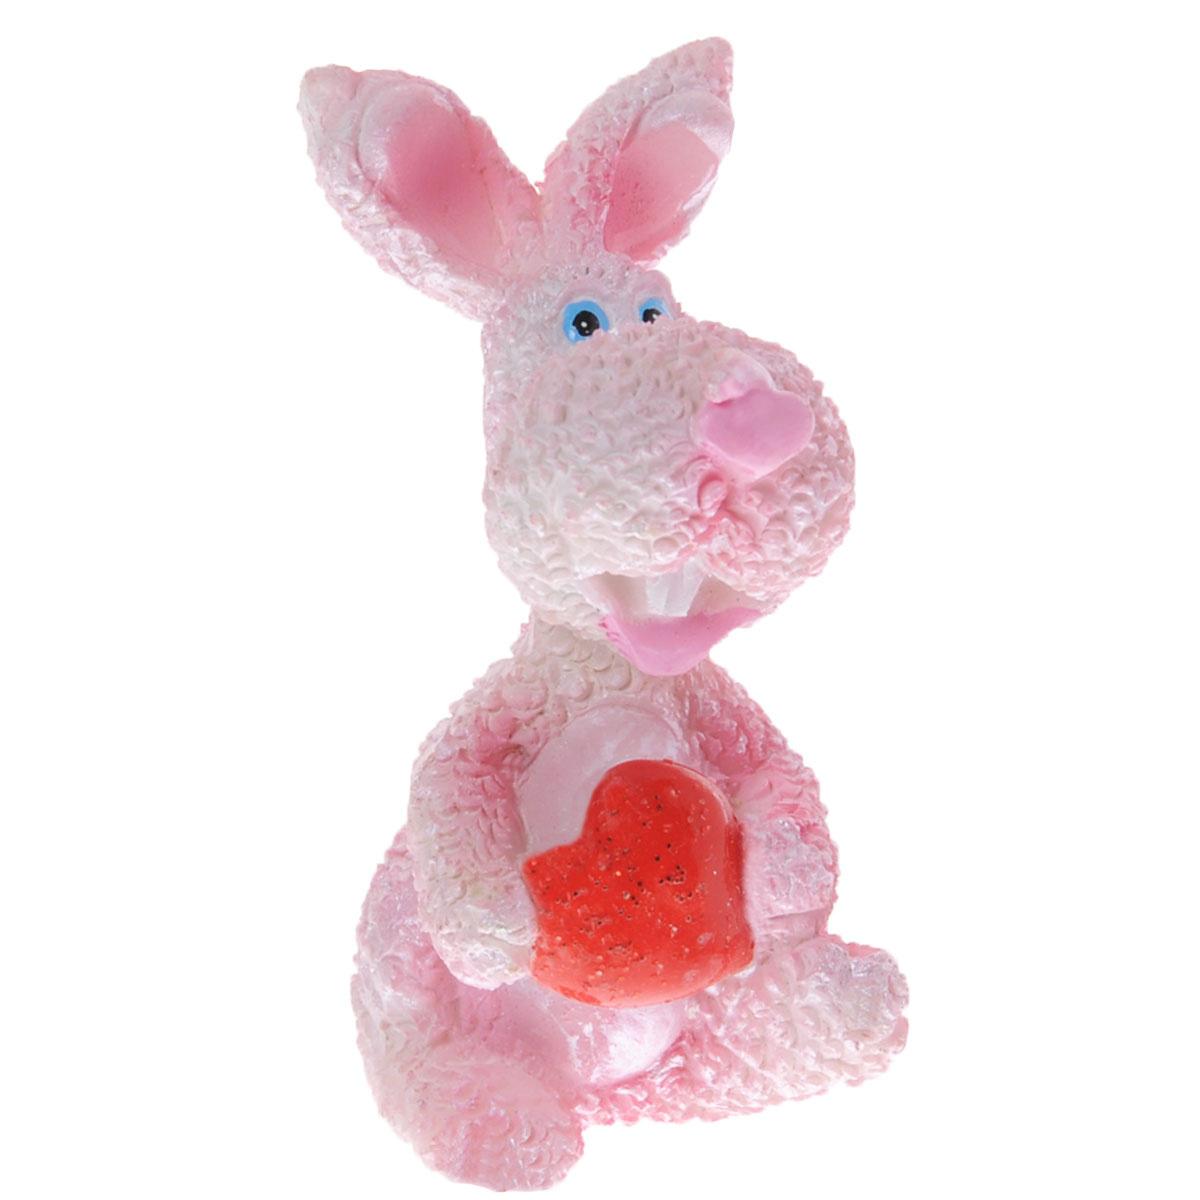 """Декоративная статуэтка Lunten Ranta """"Розовый кролик с сердцем"""", цвет: розовый, красный, высота 6 см  #1"""